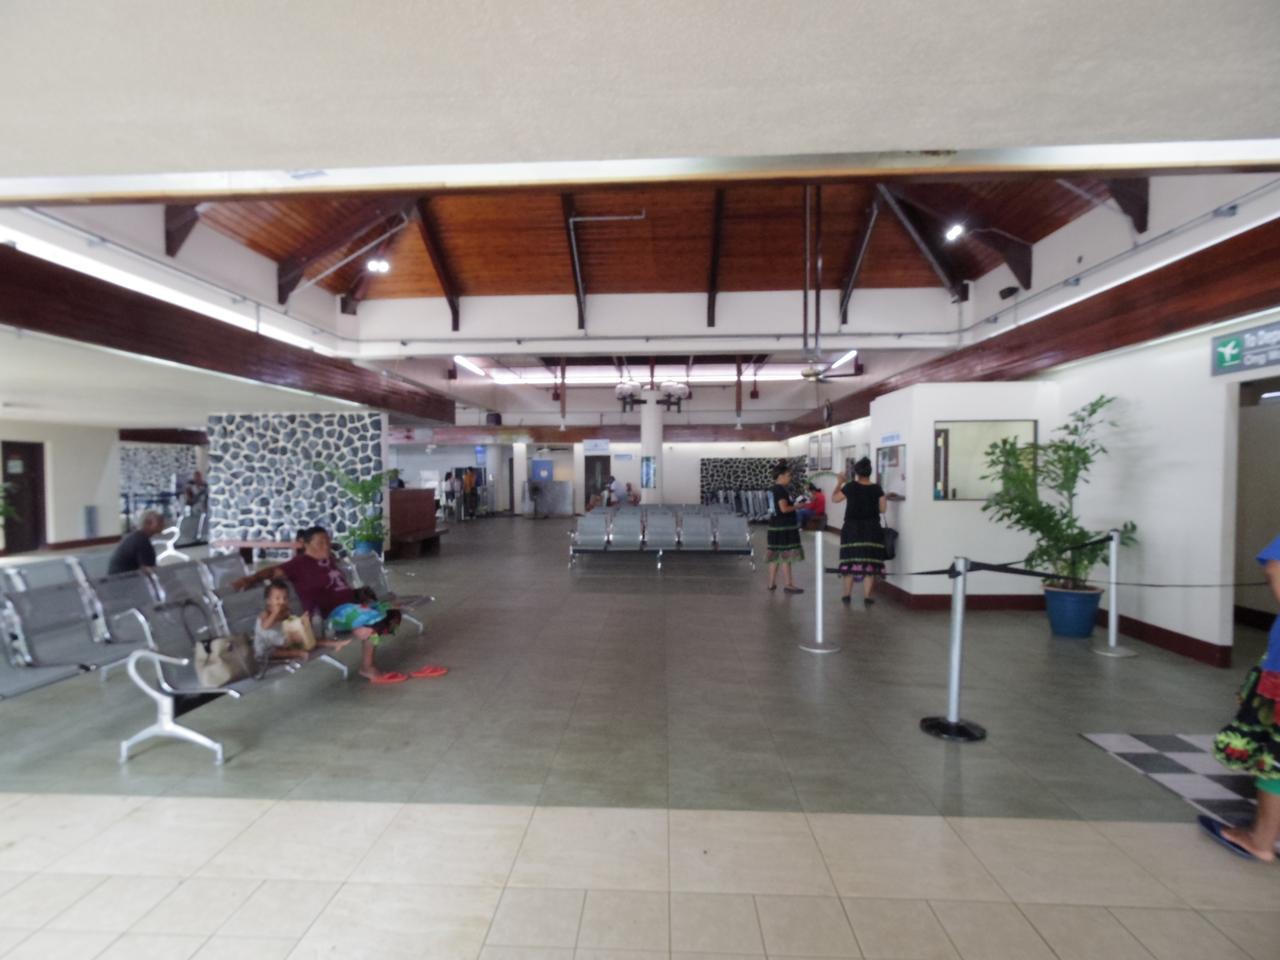 画像: ポンペイ空港。ベンチは現地の方の憩いの場